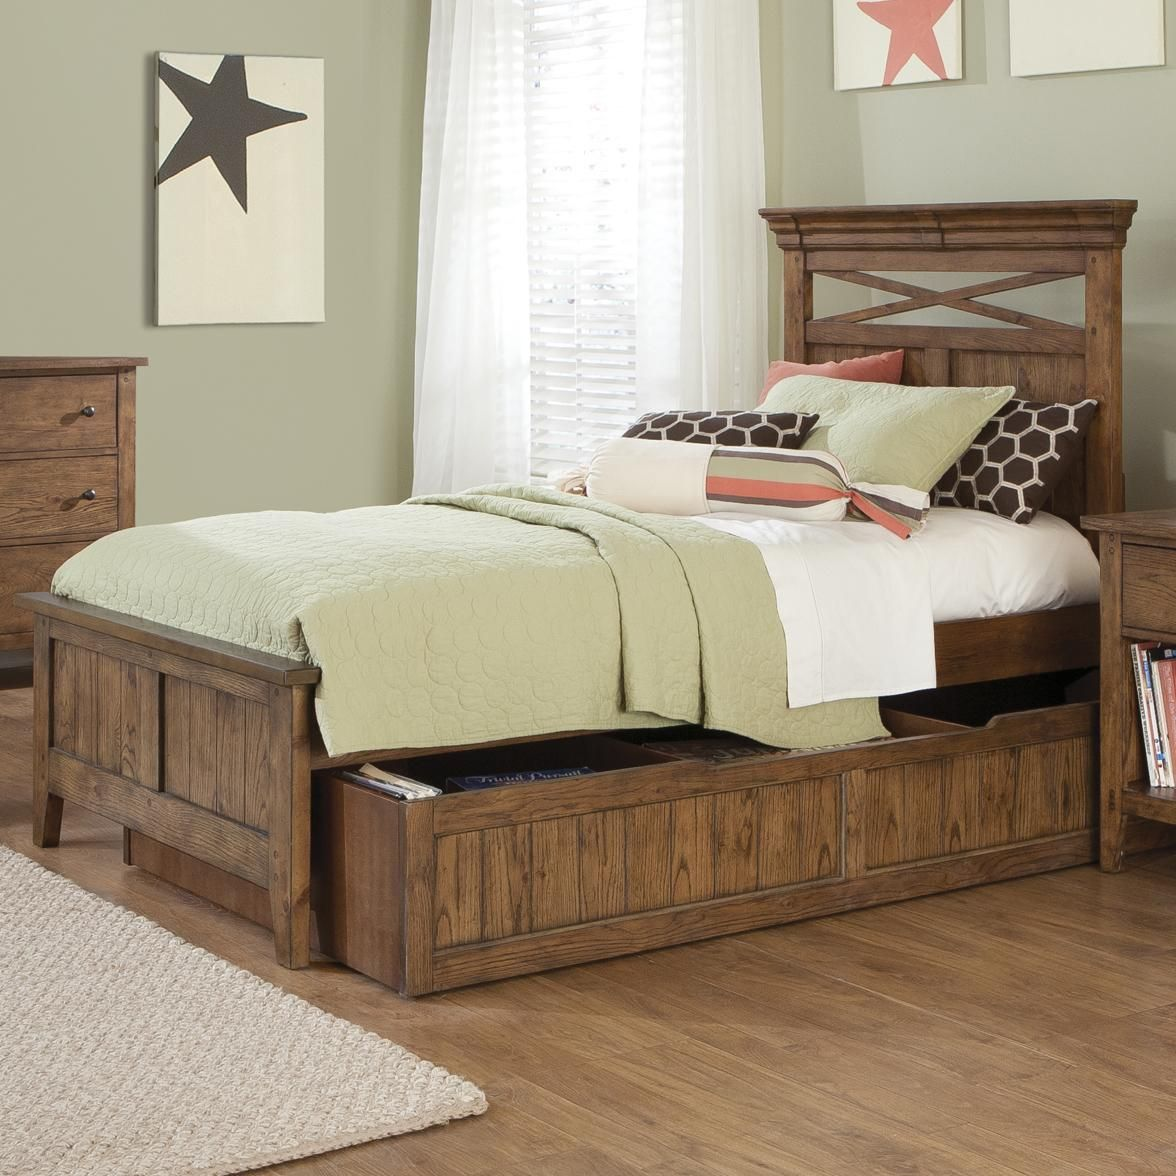 stauraum schlafzimmer ideen schlafzimmer einrichten. Black Bedroom Furniture Sets. Home Design Ideas